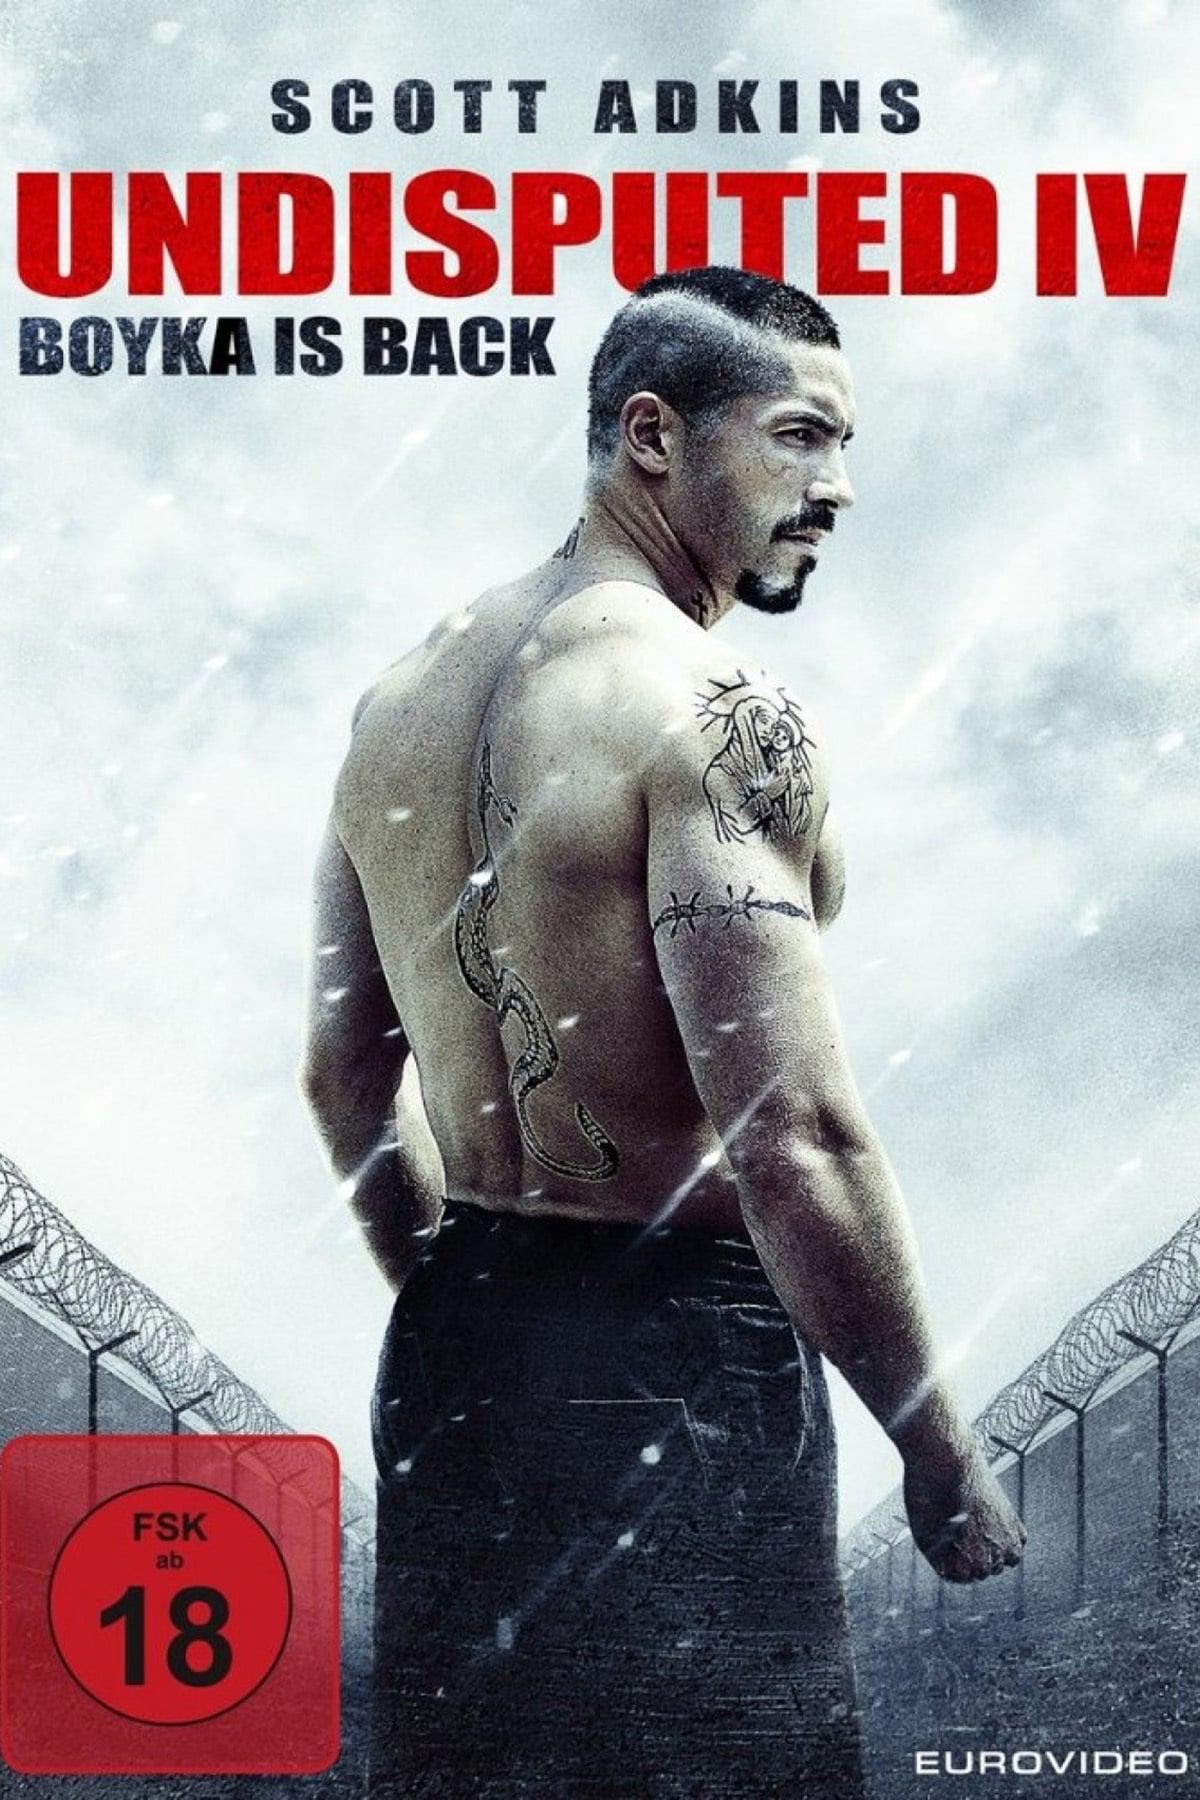 Boyka čempionas: IV / Boyka: Undisputed IV (2016) žiūrėti online